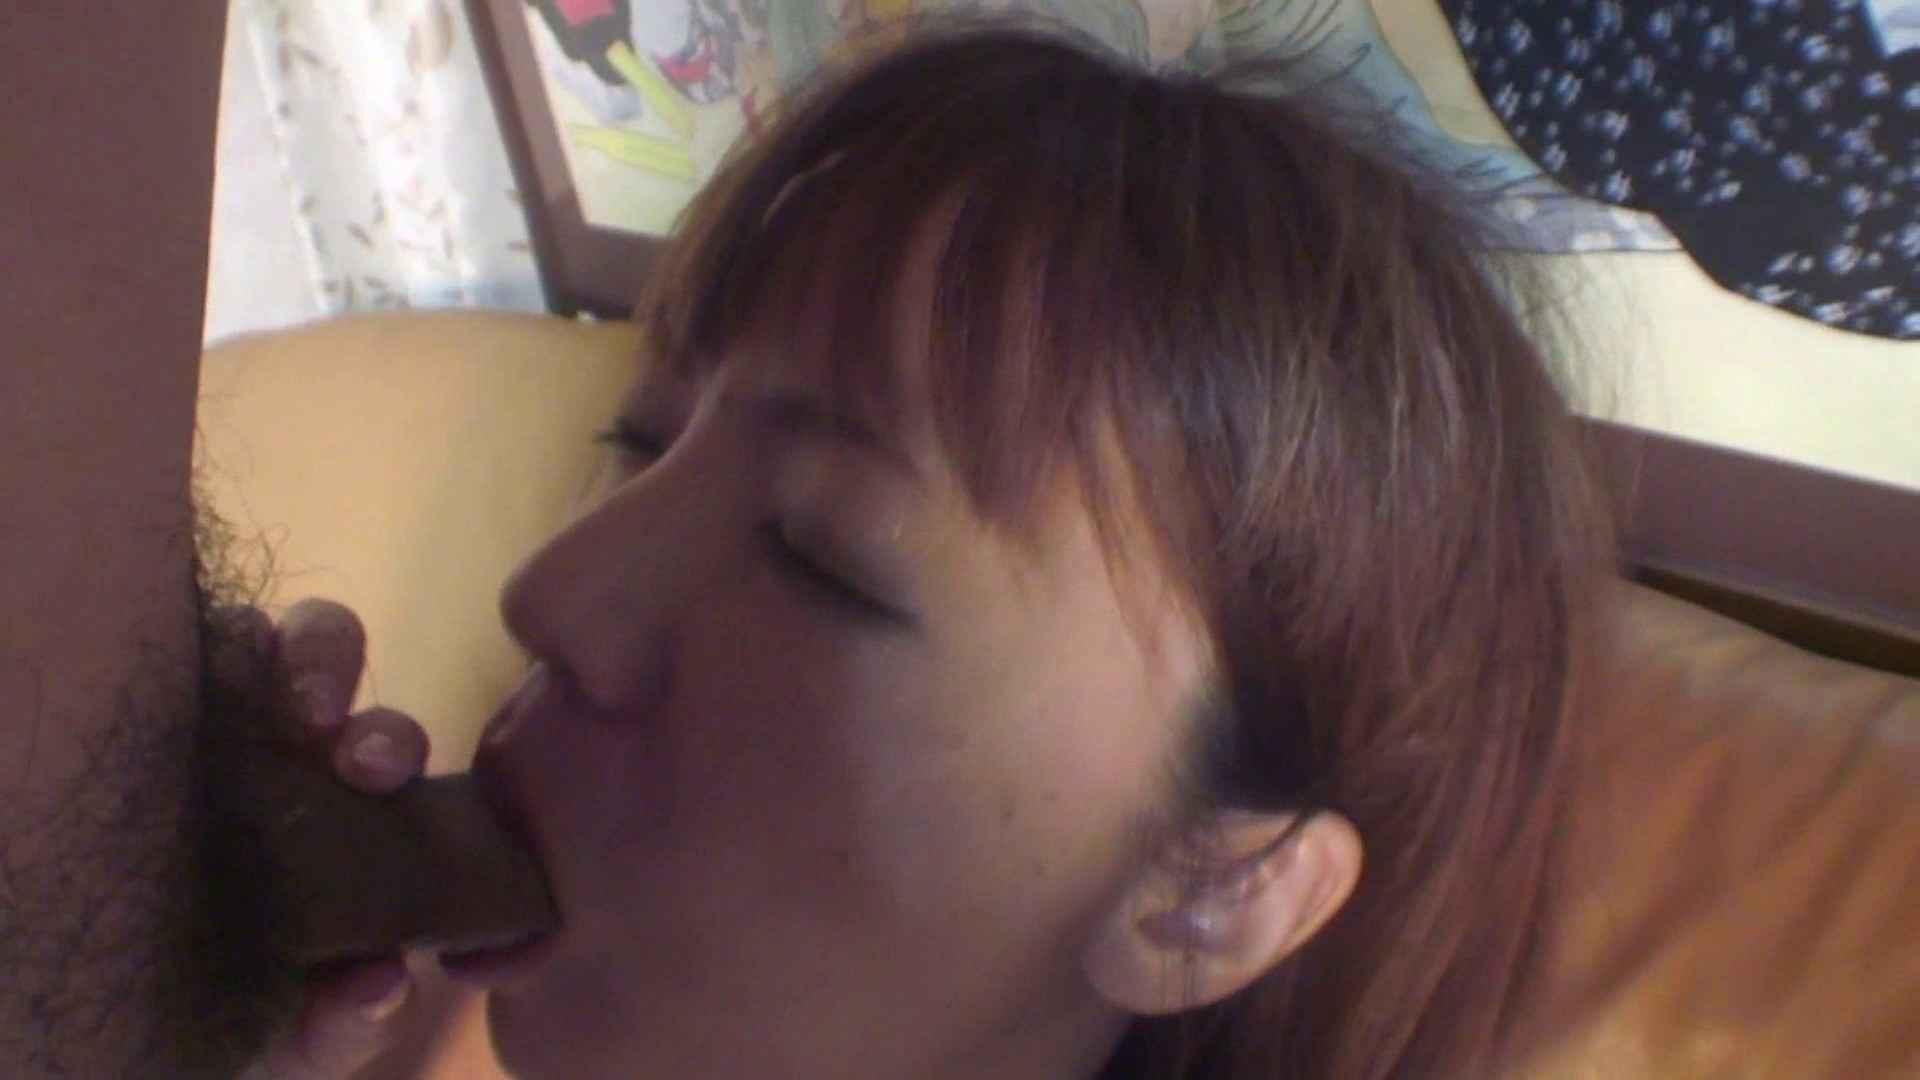 鬼才沖本監督 脱肛に悶絶する女 終章 アナル  78pic 6